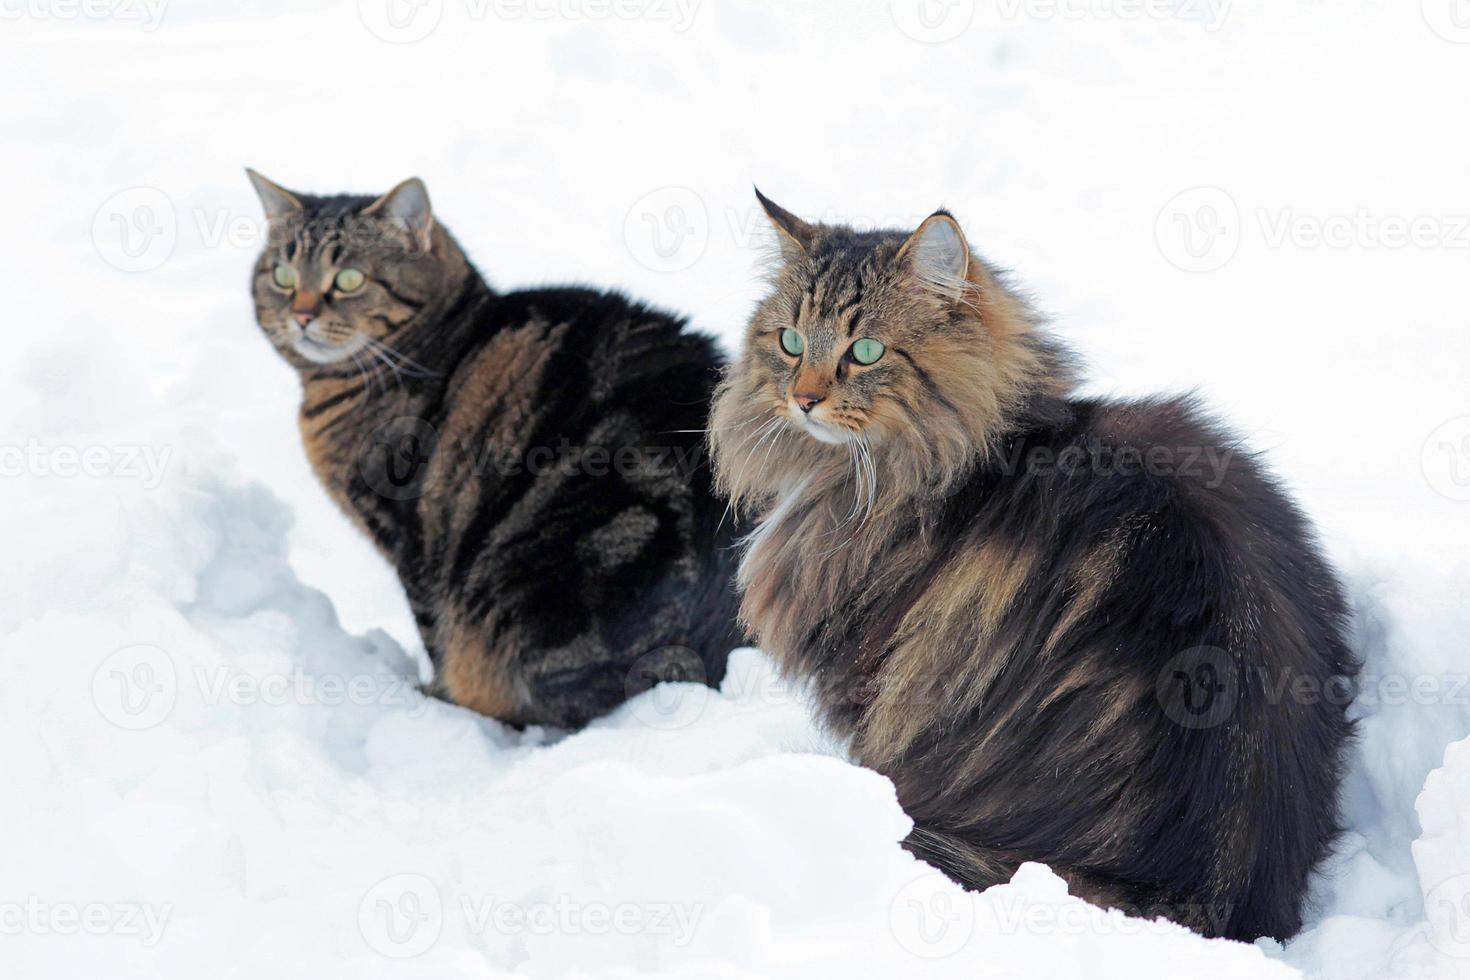 deux chats assis ensemble dans la neige photo